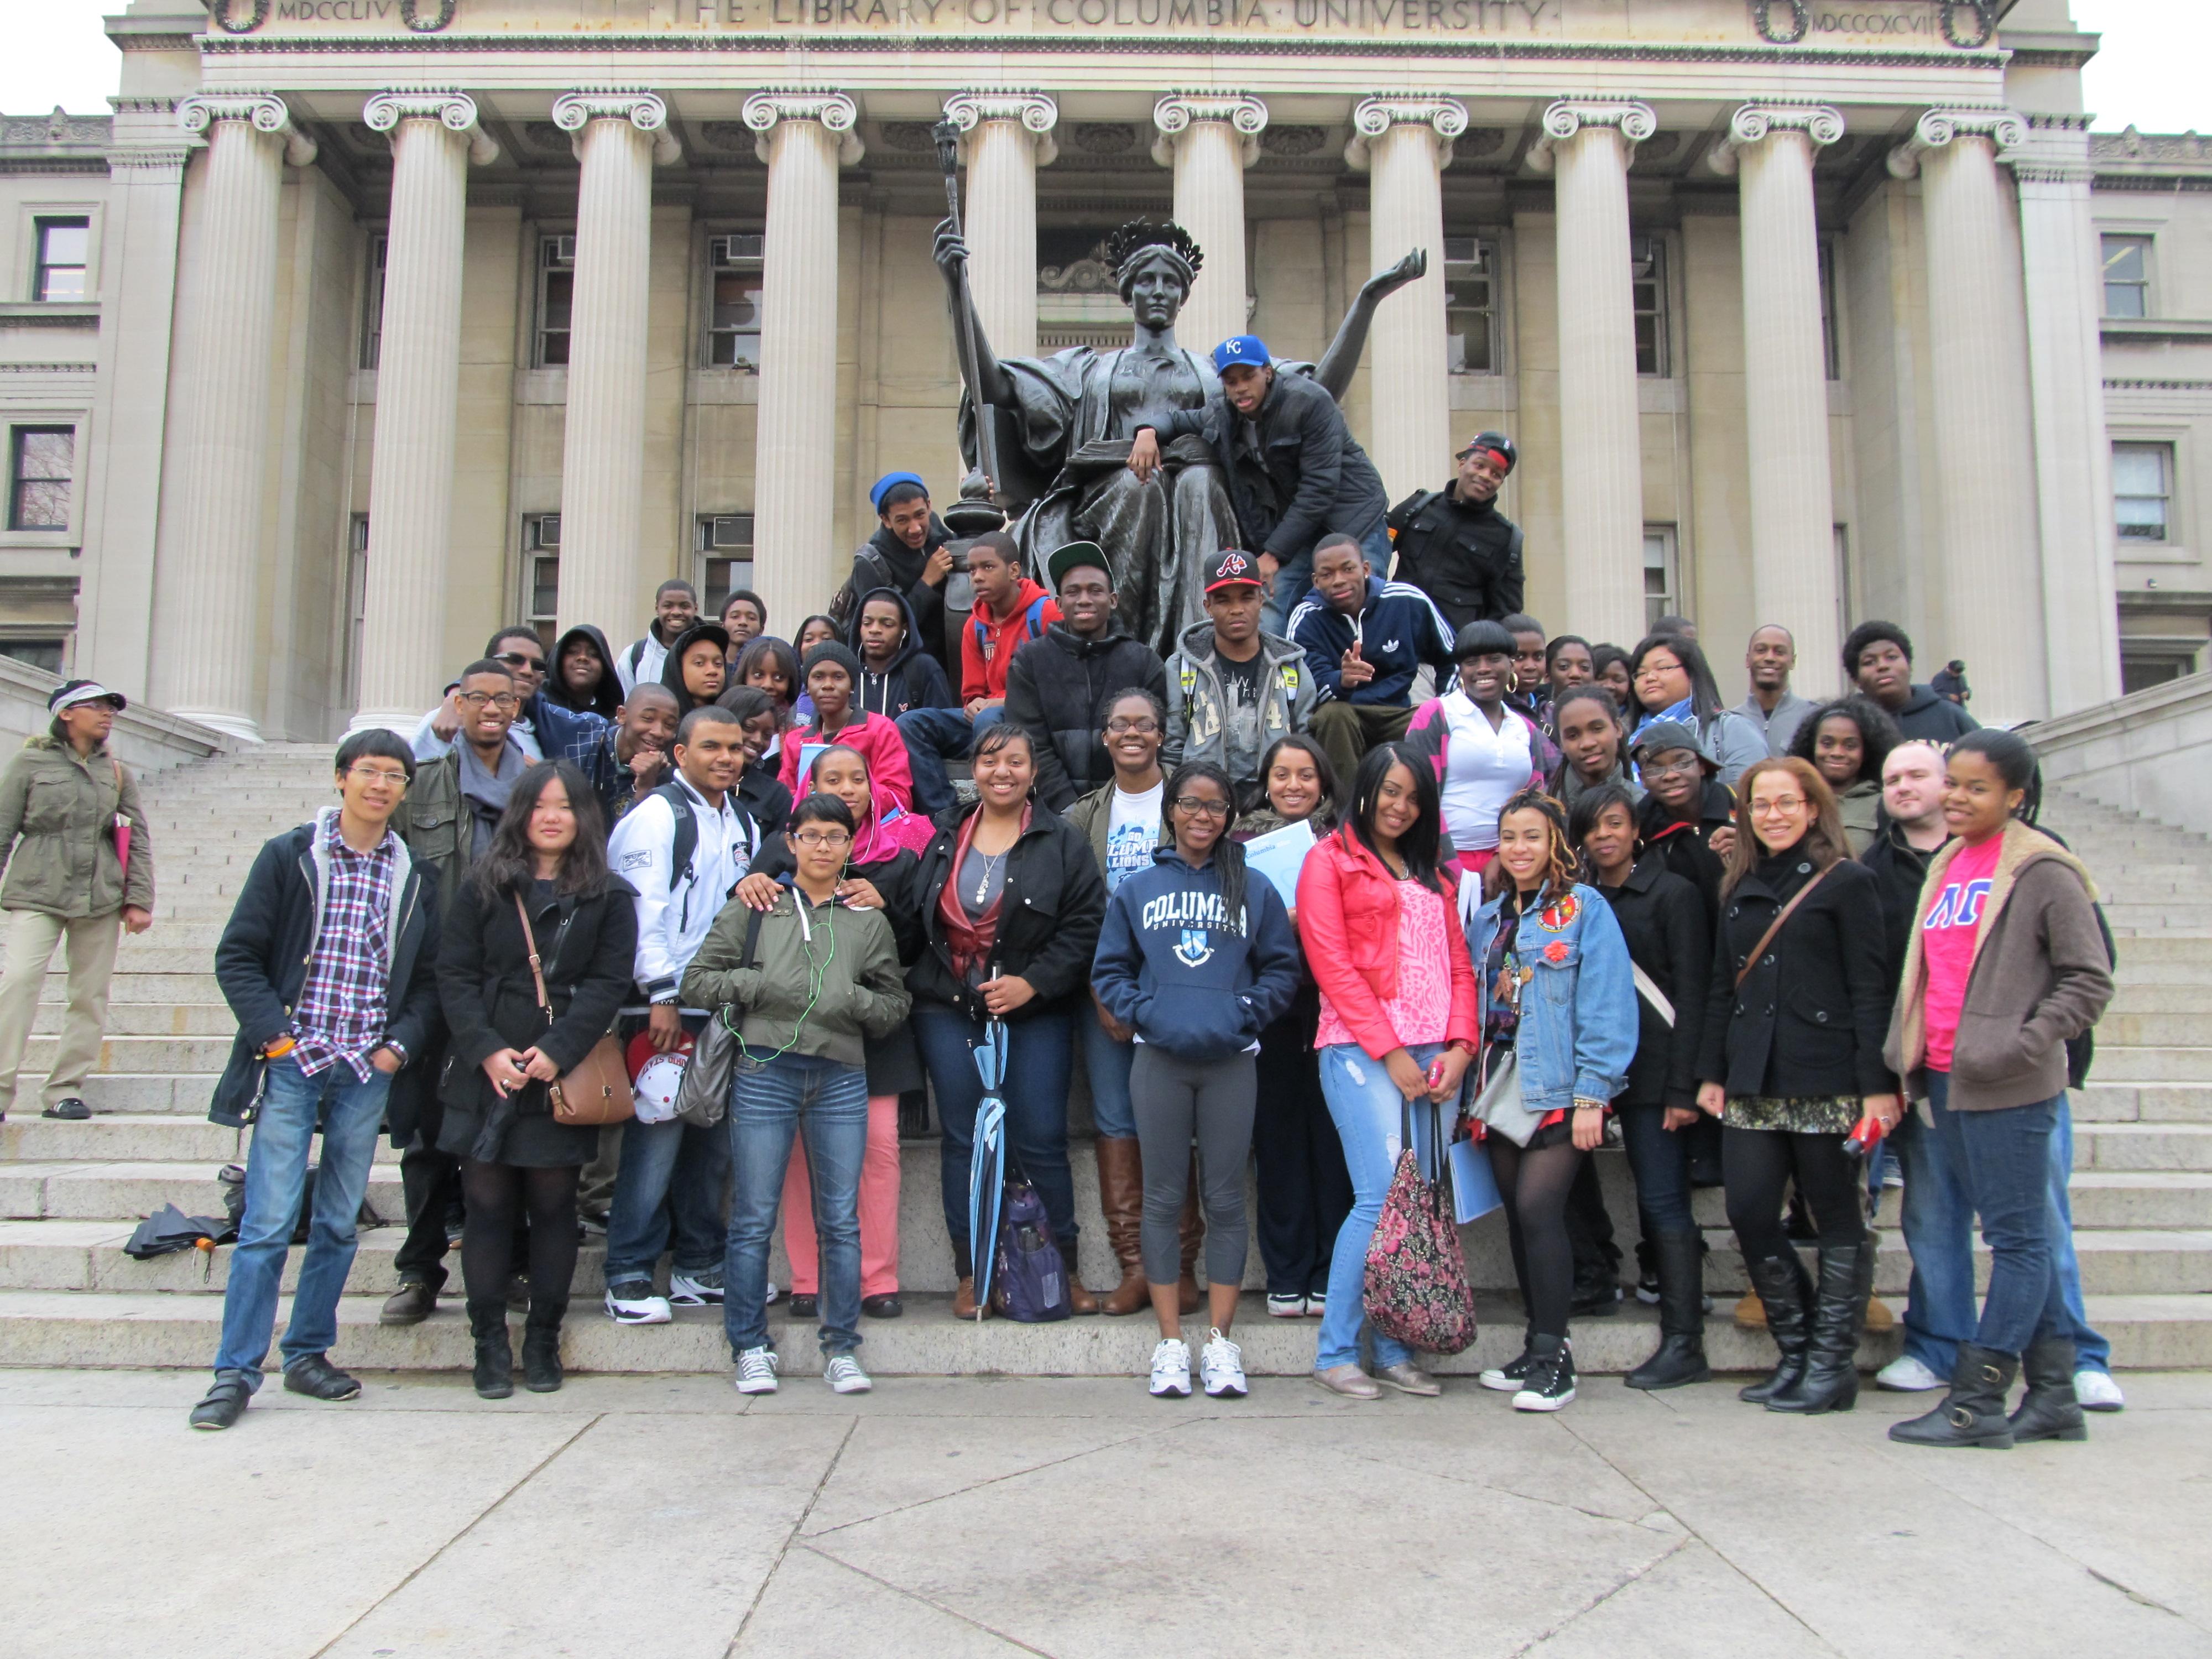 Columbia University, 2012